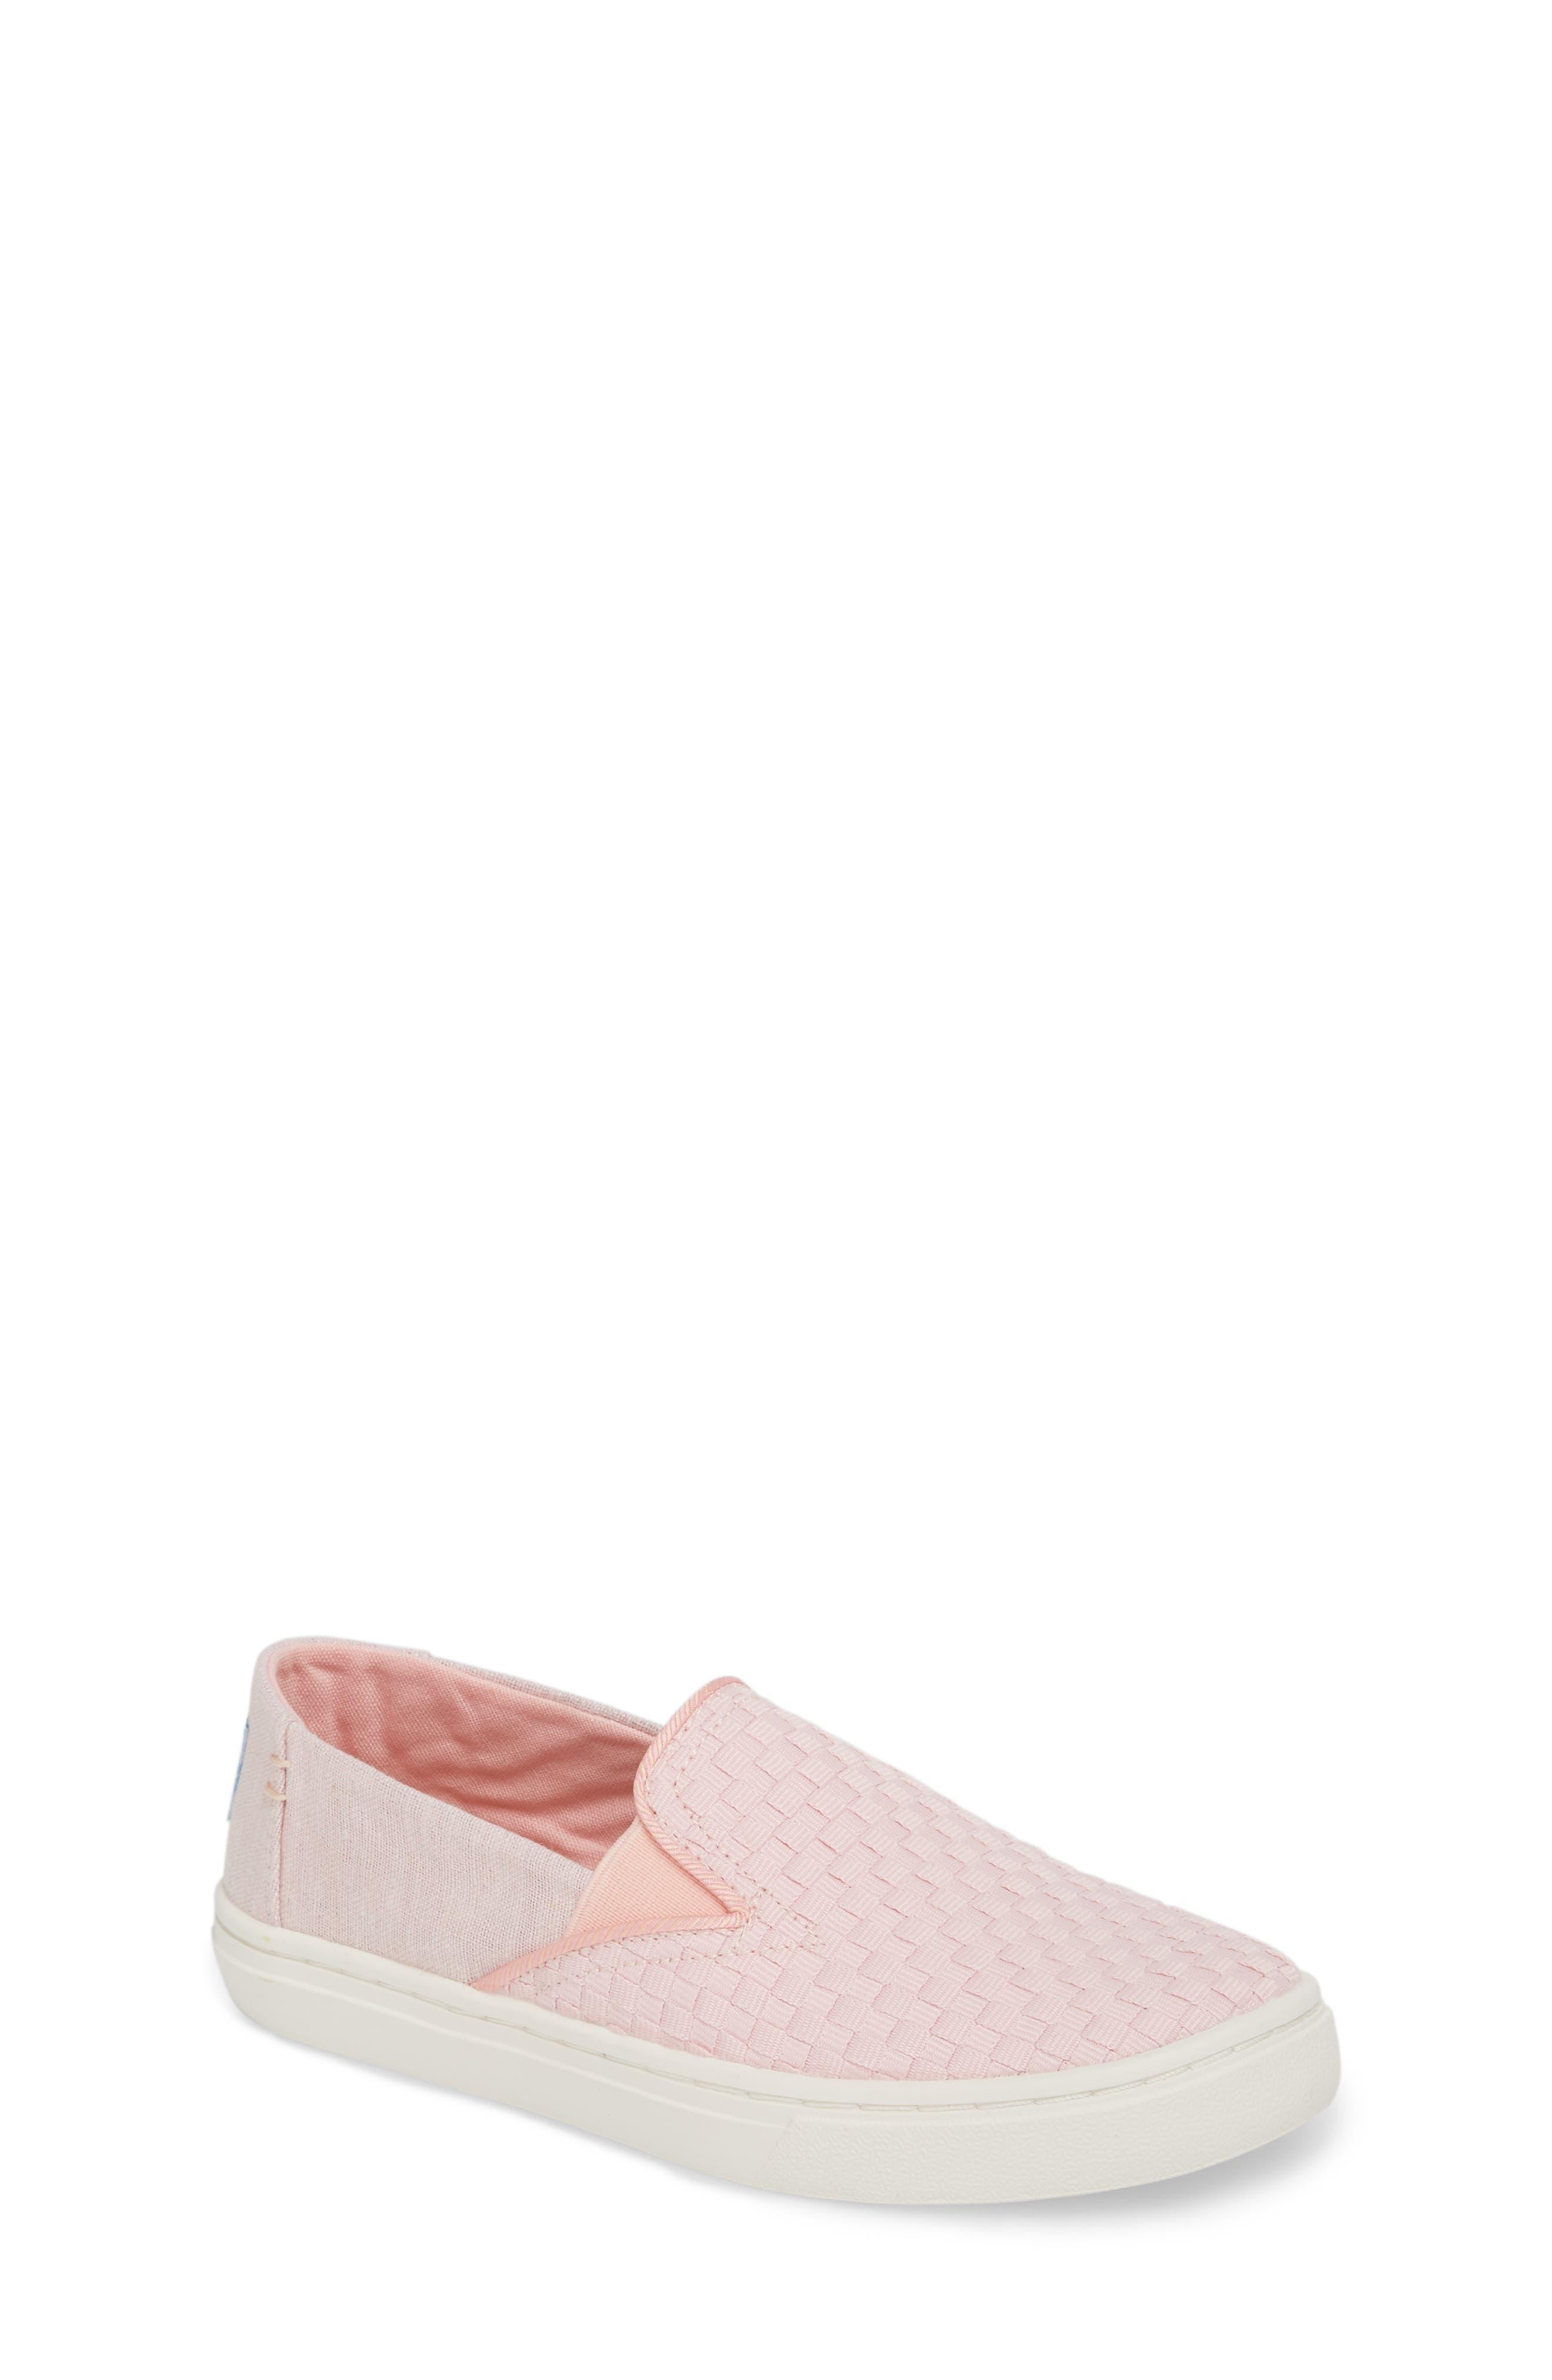 Luca Slip-On Sneaker,                             Main thumbnail 1, color,                             Blossom Basketweave